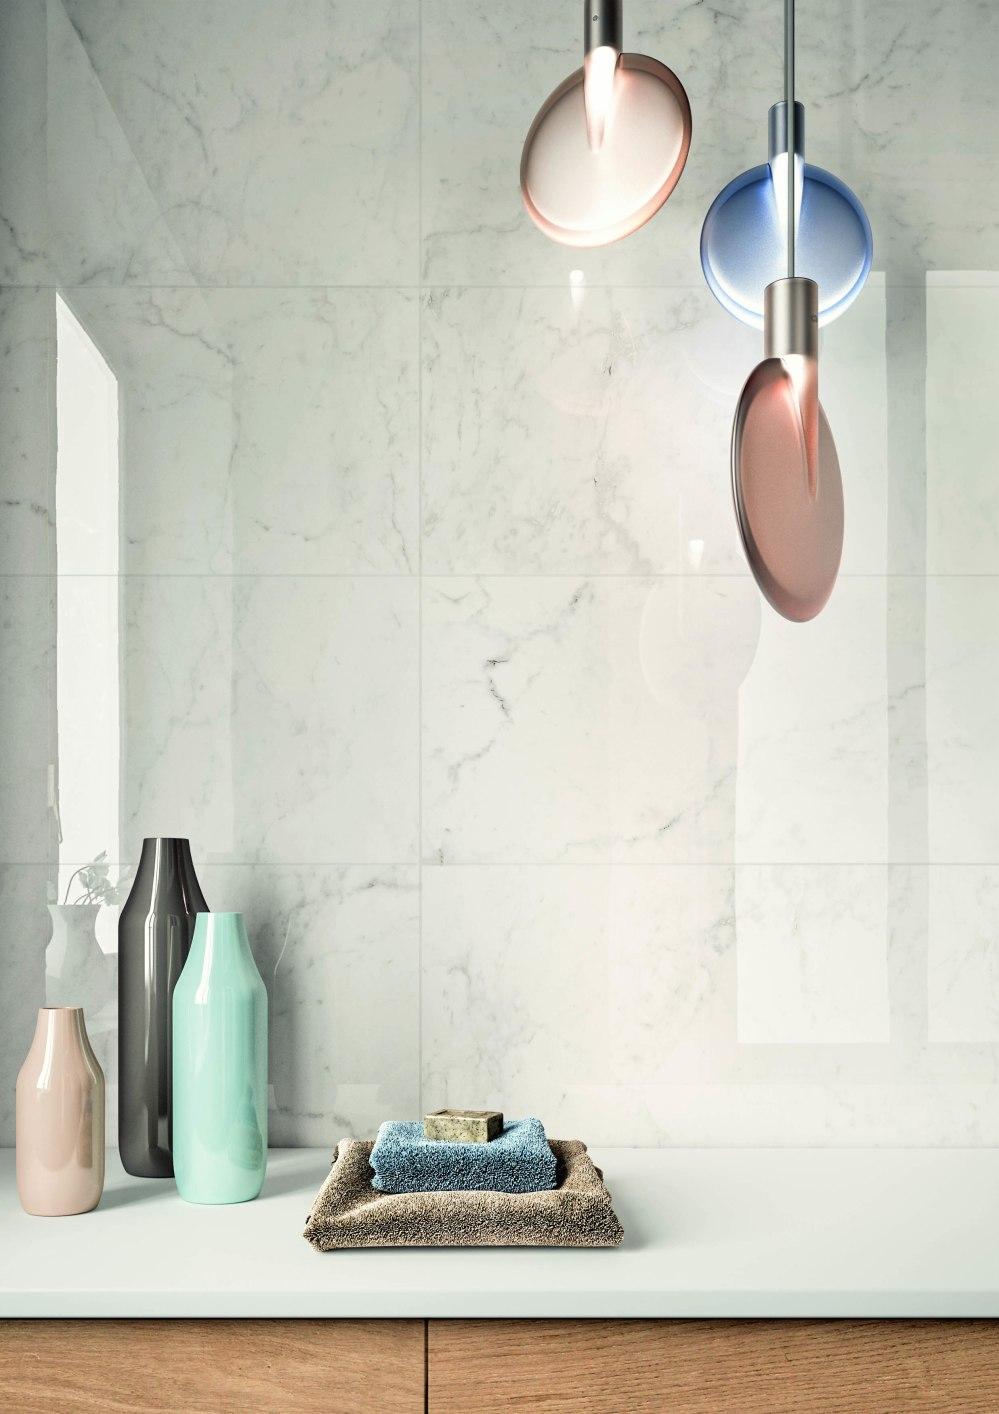 Miljöbild från badrum. På väggen sitter en blank marmorliknande platta. På en skänk ligger handdukar och en tvål.